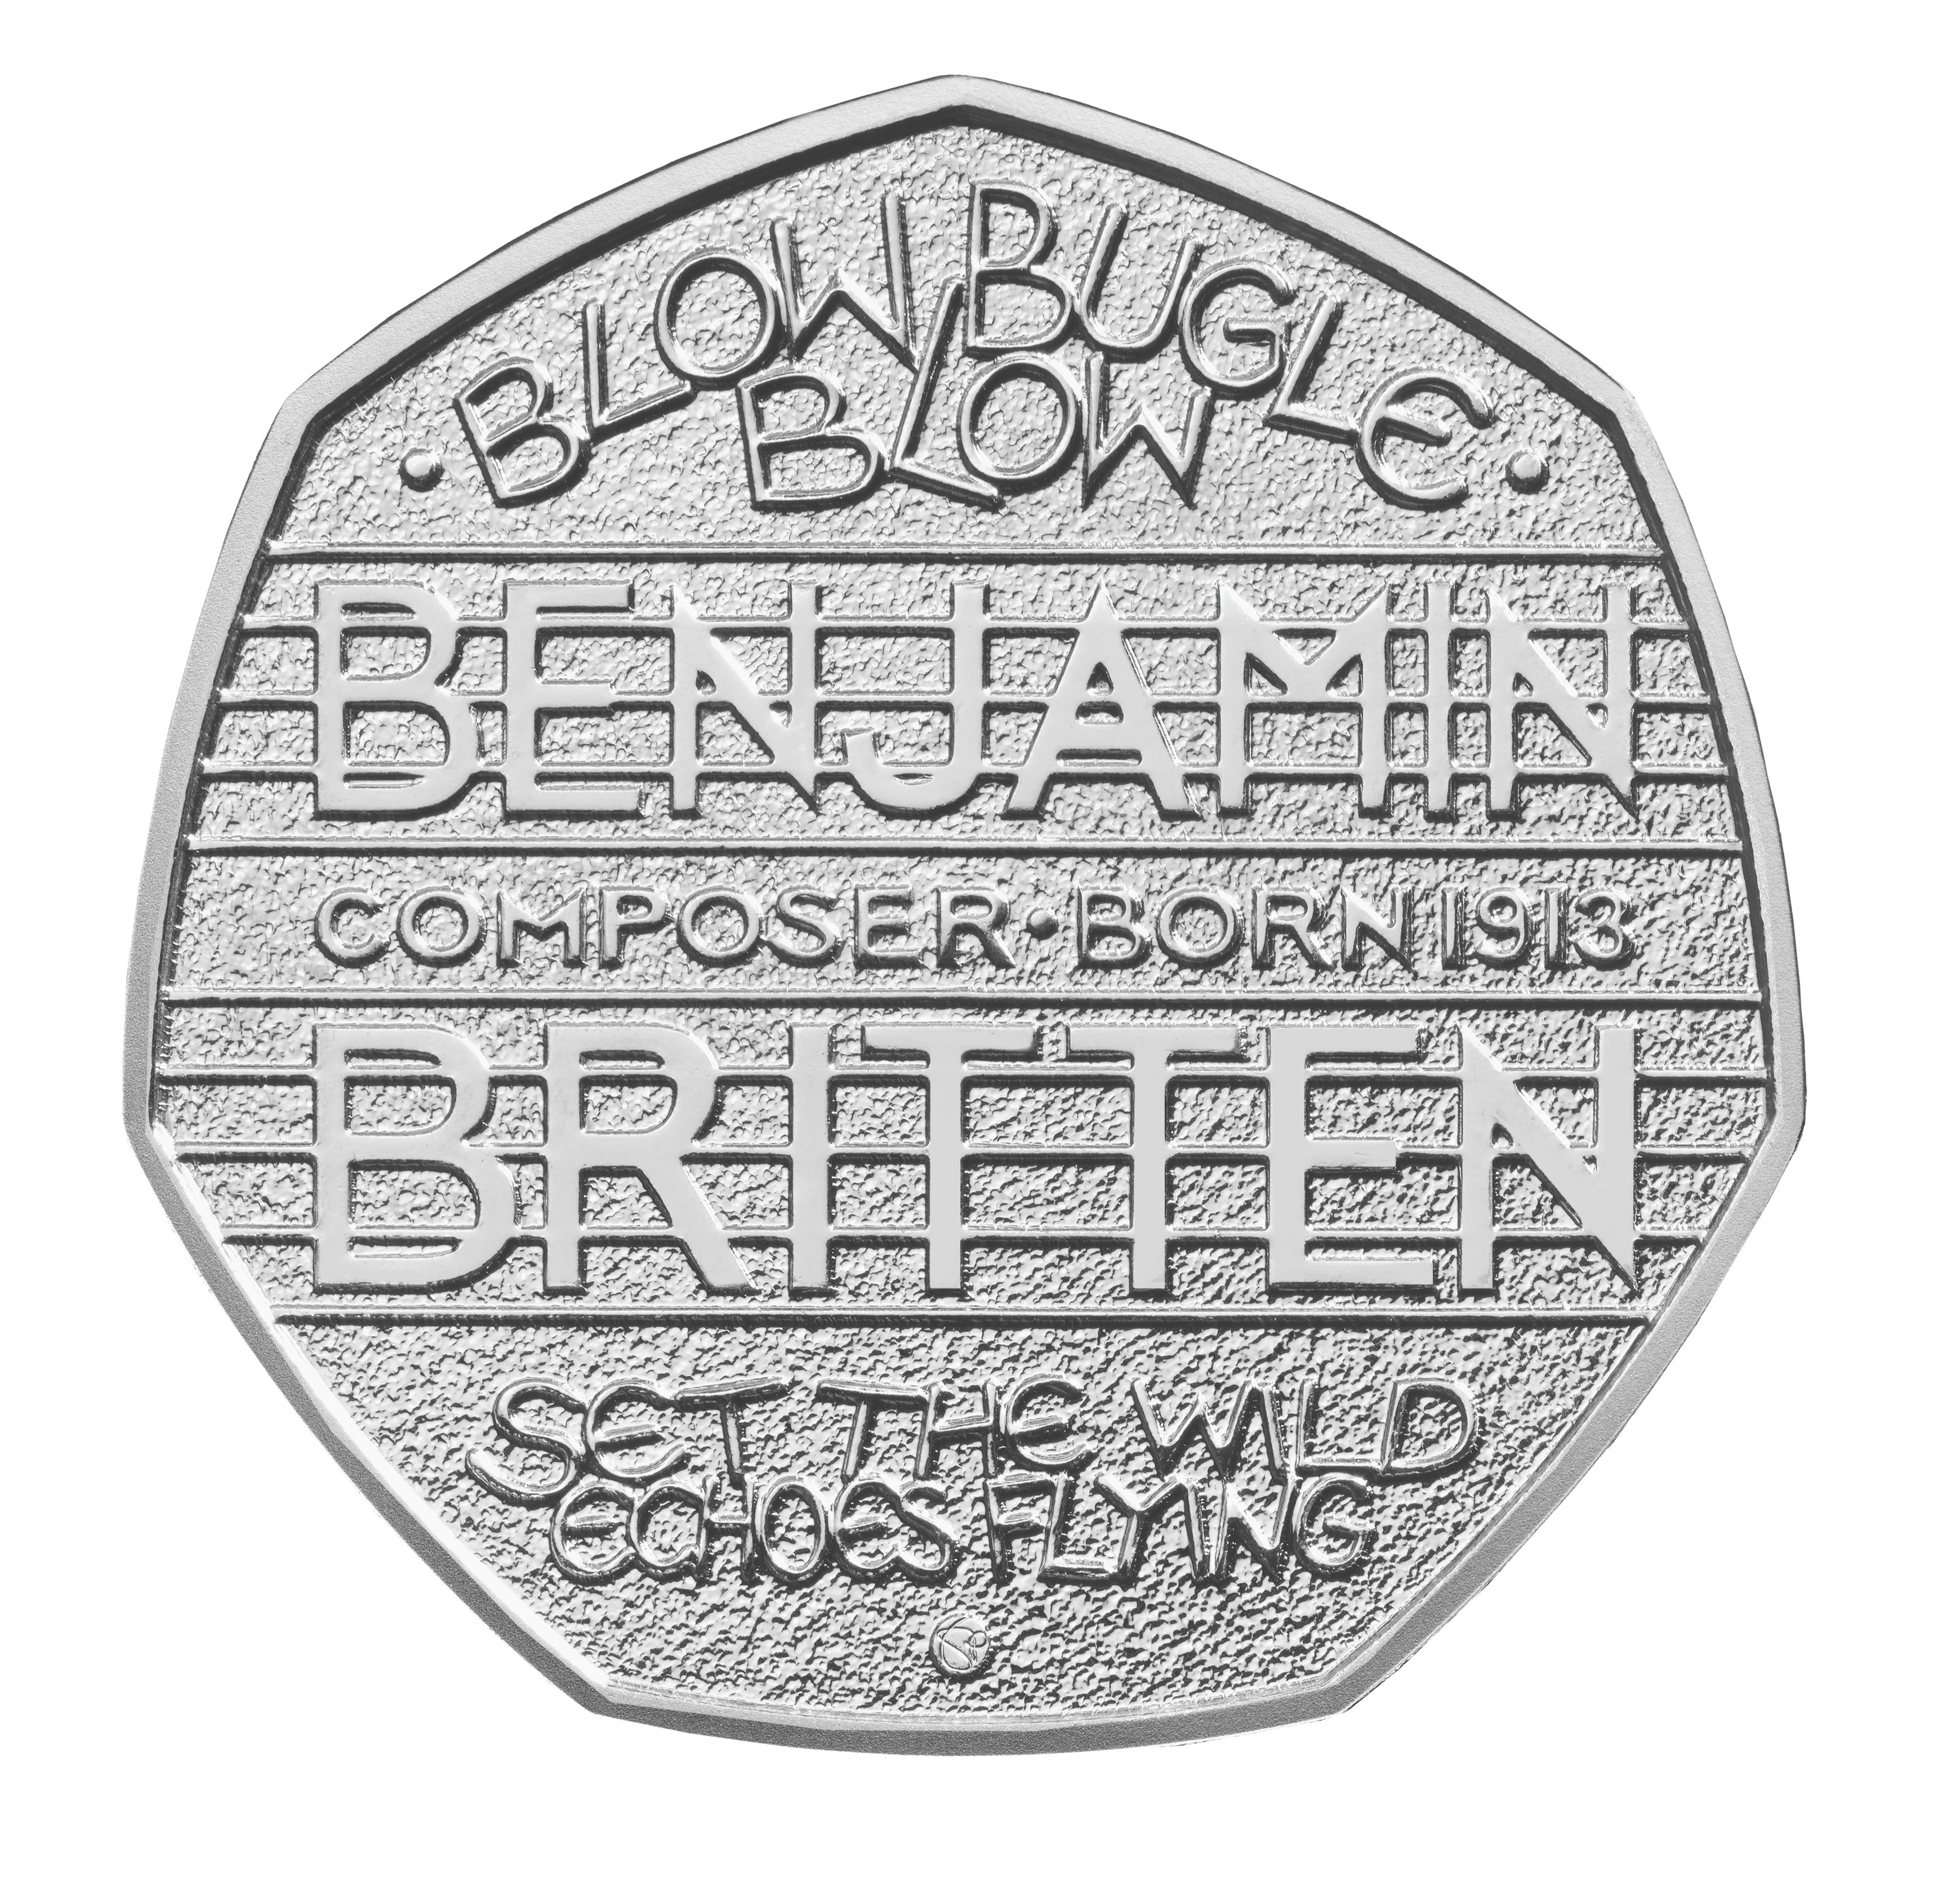 Britten coin design